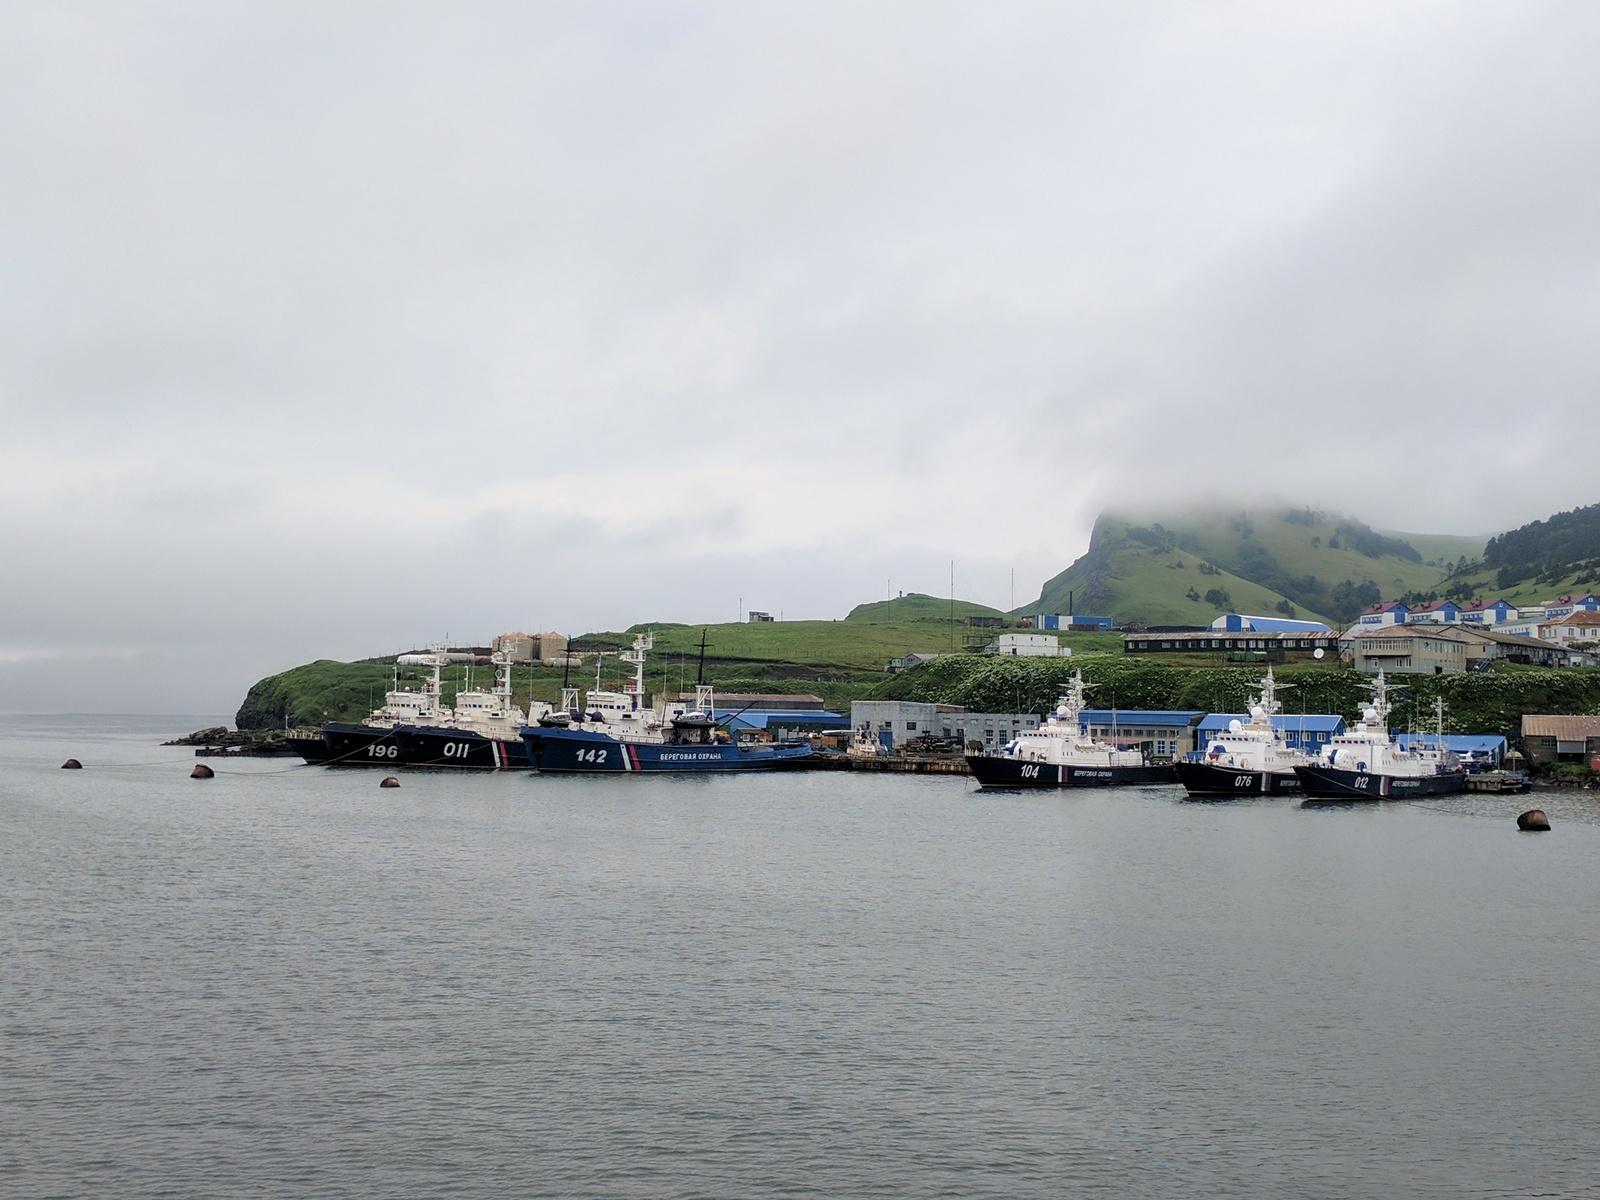 Малокурильская бухта, суда береговой охраны.